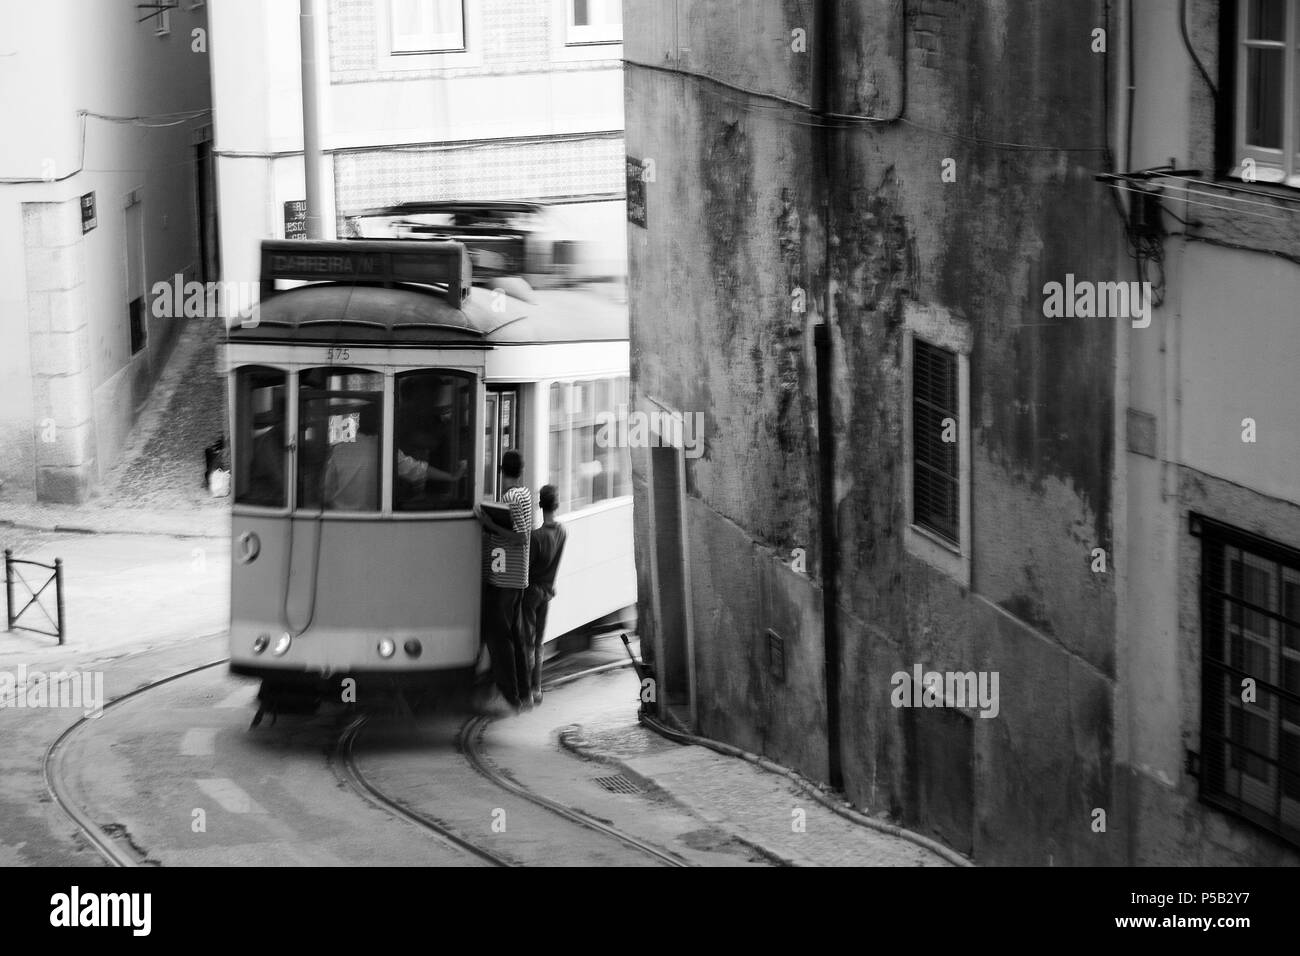 Tranvia en Alfama. - Stock Image